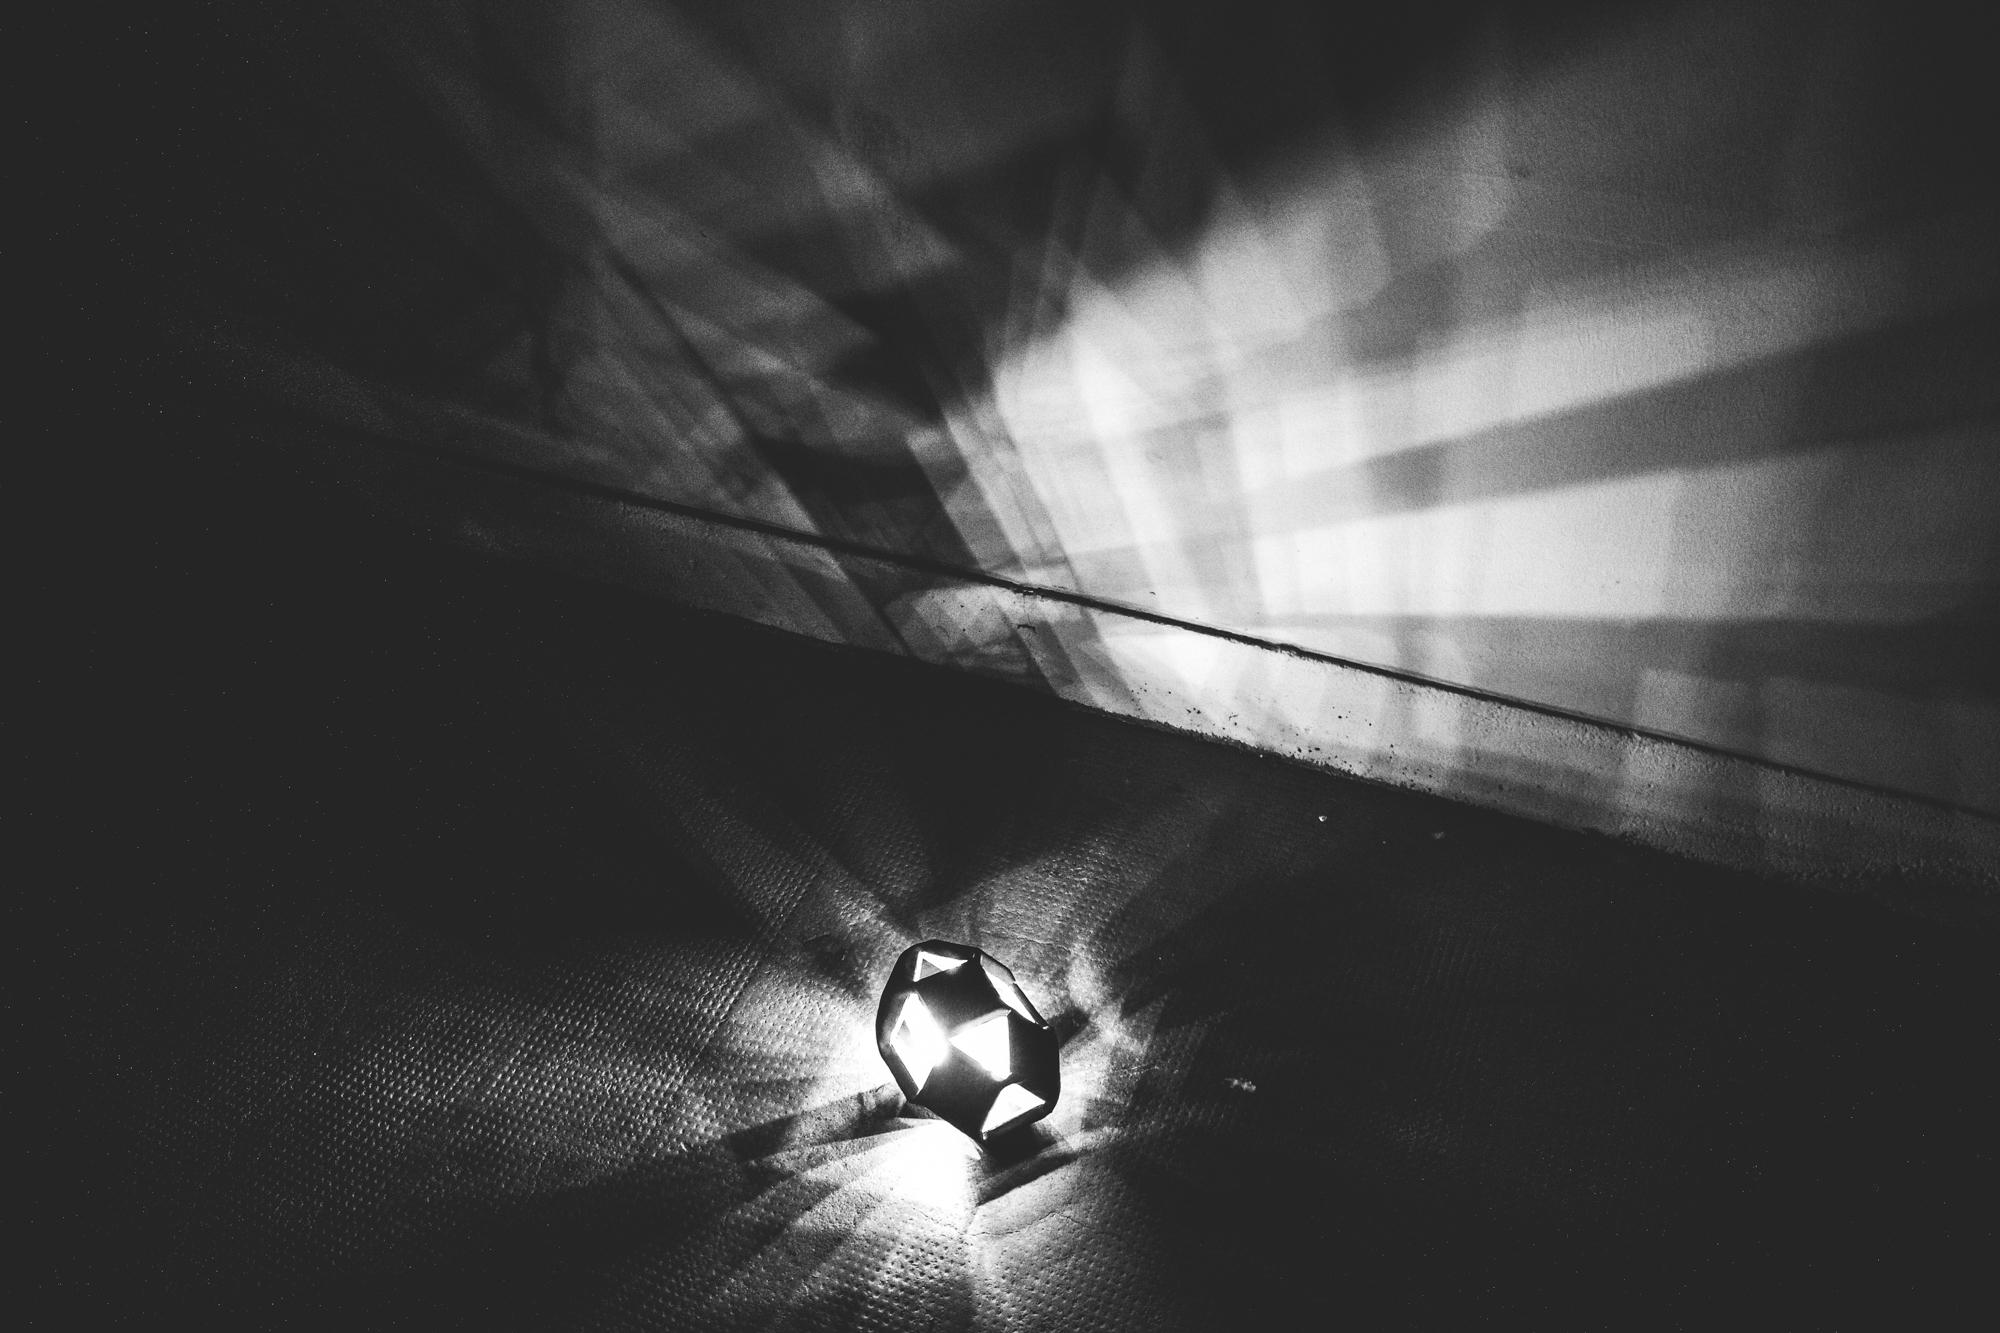 webschlichtlights-8.jpg